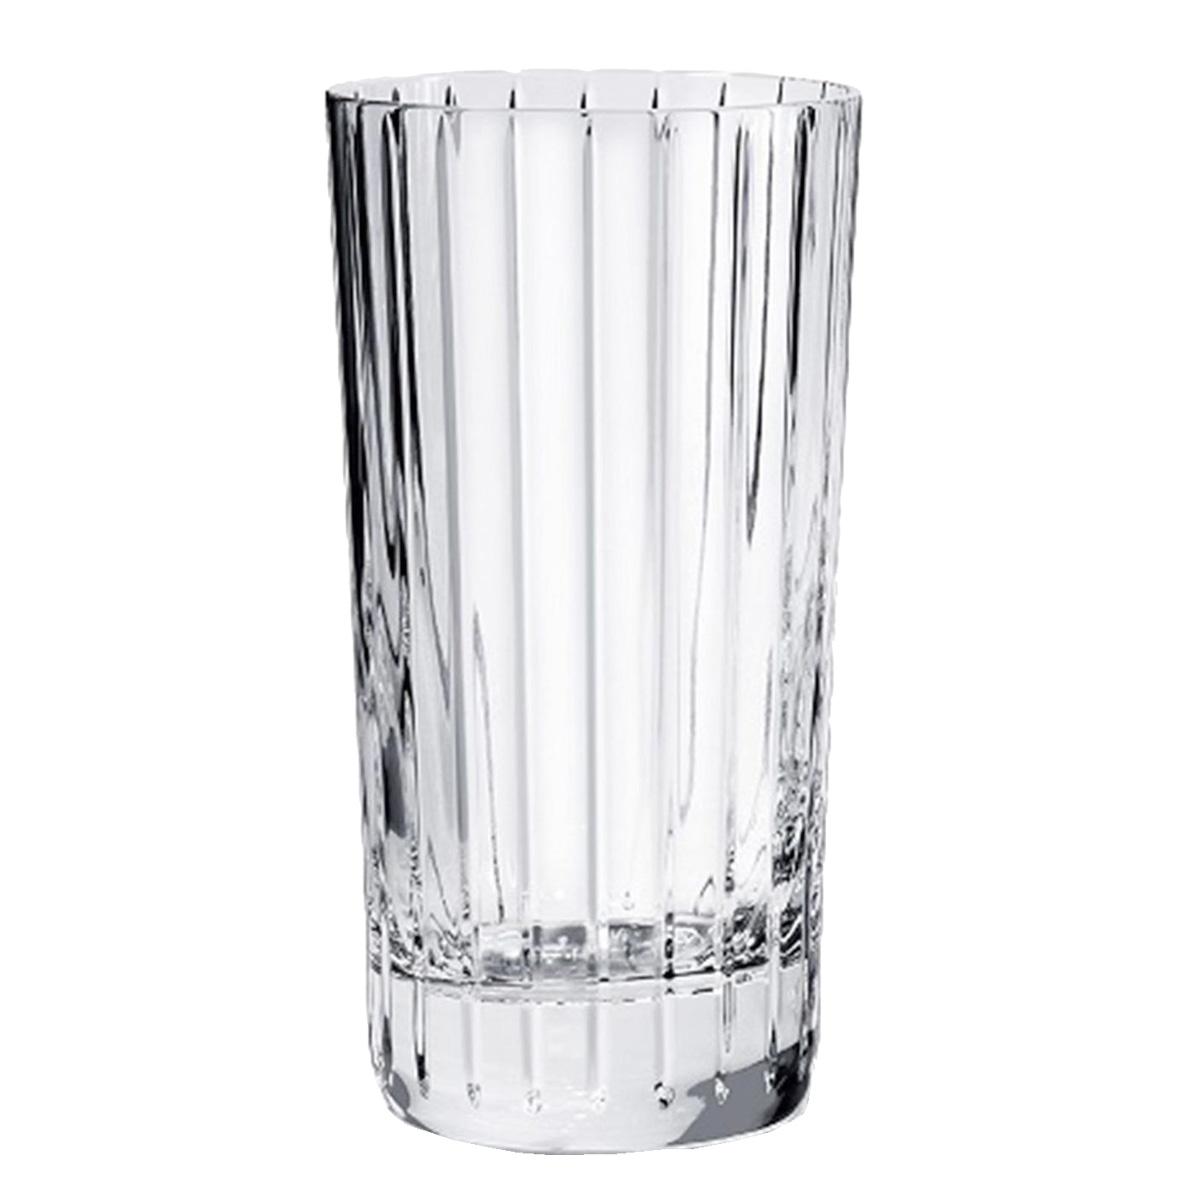 バカラ Baccarat ハーモニー ハイボール グラス シングルグラス 単品 タンブラー ロングドリンク コップ ブランド 高級 食器 ガラス 贈り物 業務用 男性 結婚祝い ビール ハイボール お酒 アイスコーヒーカップ